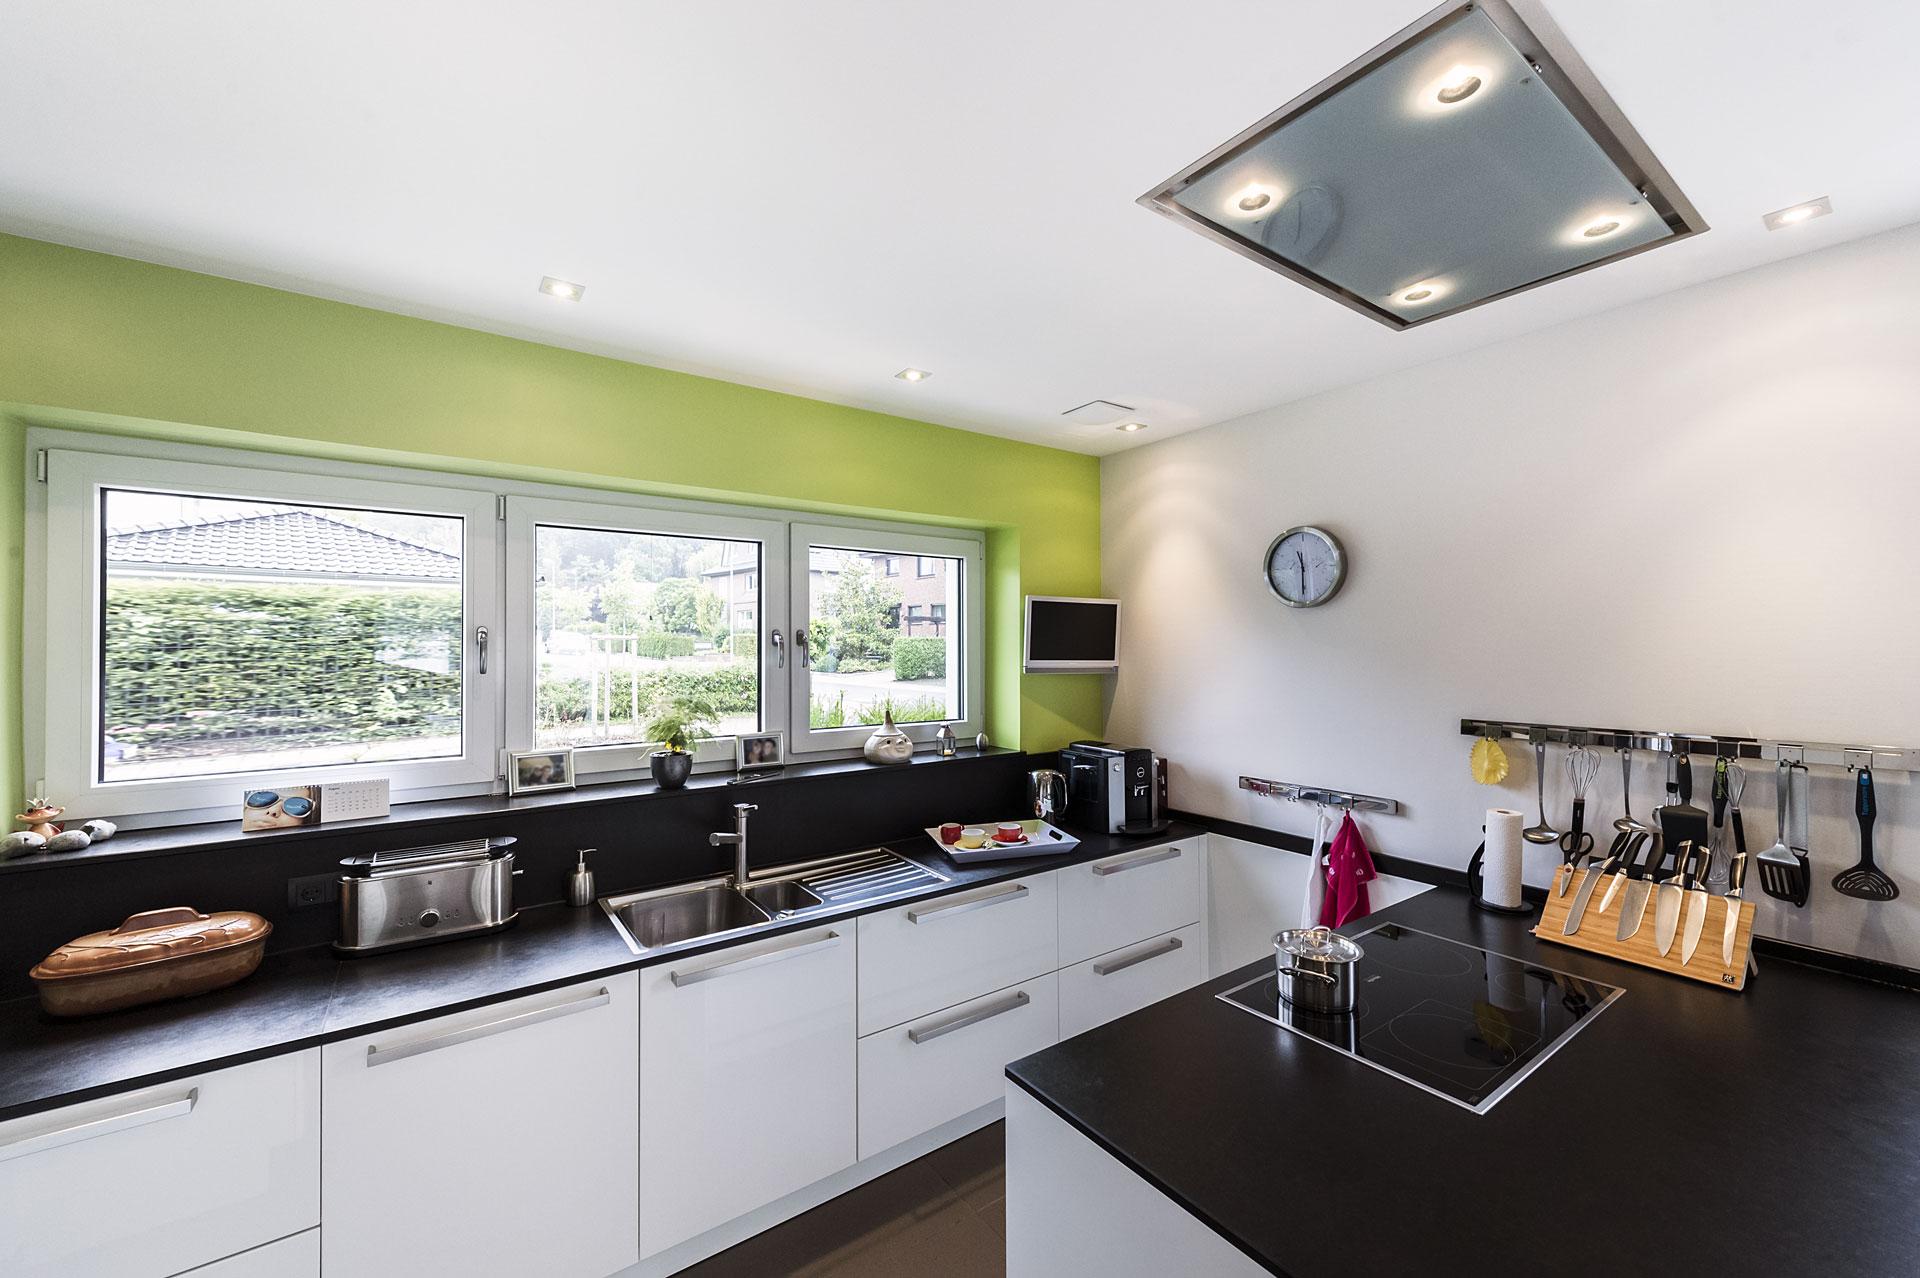 Zum Wohn Fühlen: Farbgestaltung eines Privathauses in Lünen